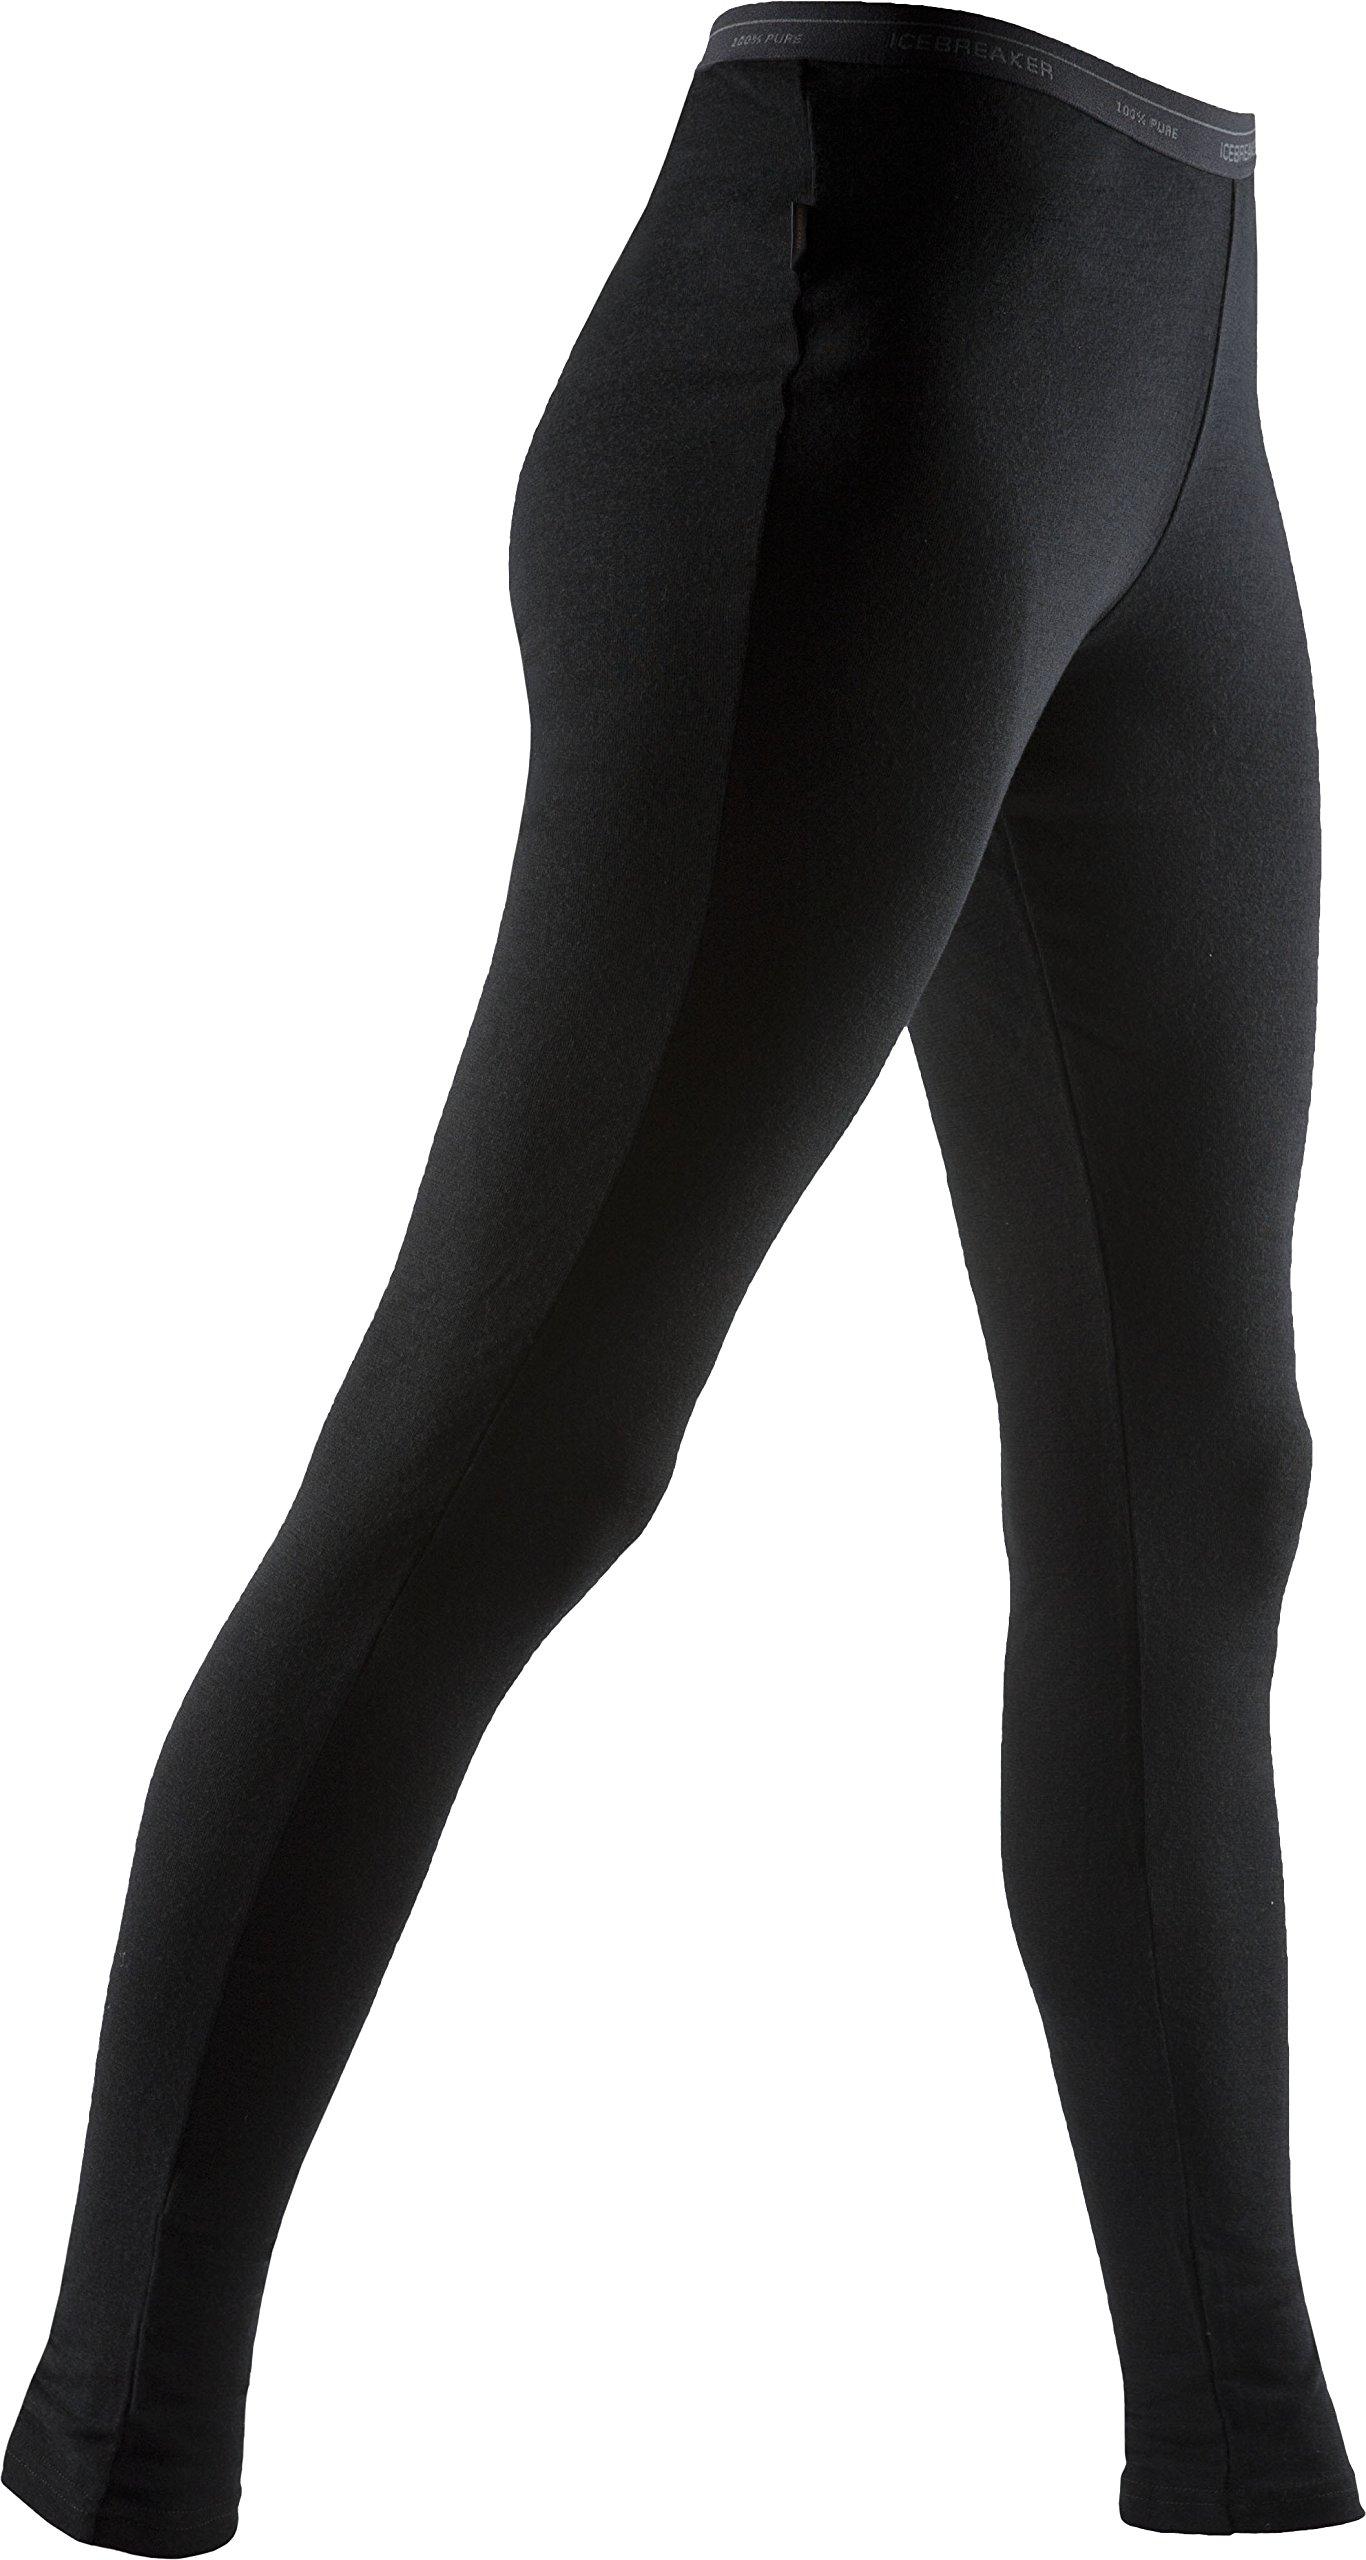 Icebreaker Merino Women's Everyday Leggings, Black, Medium